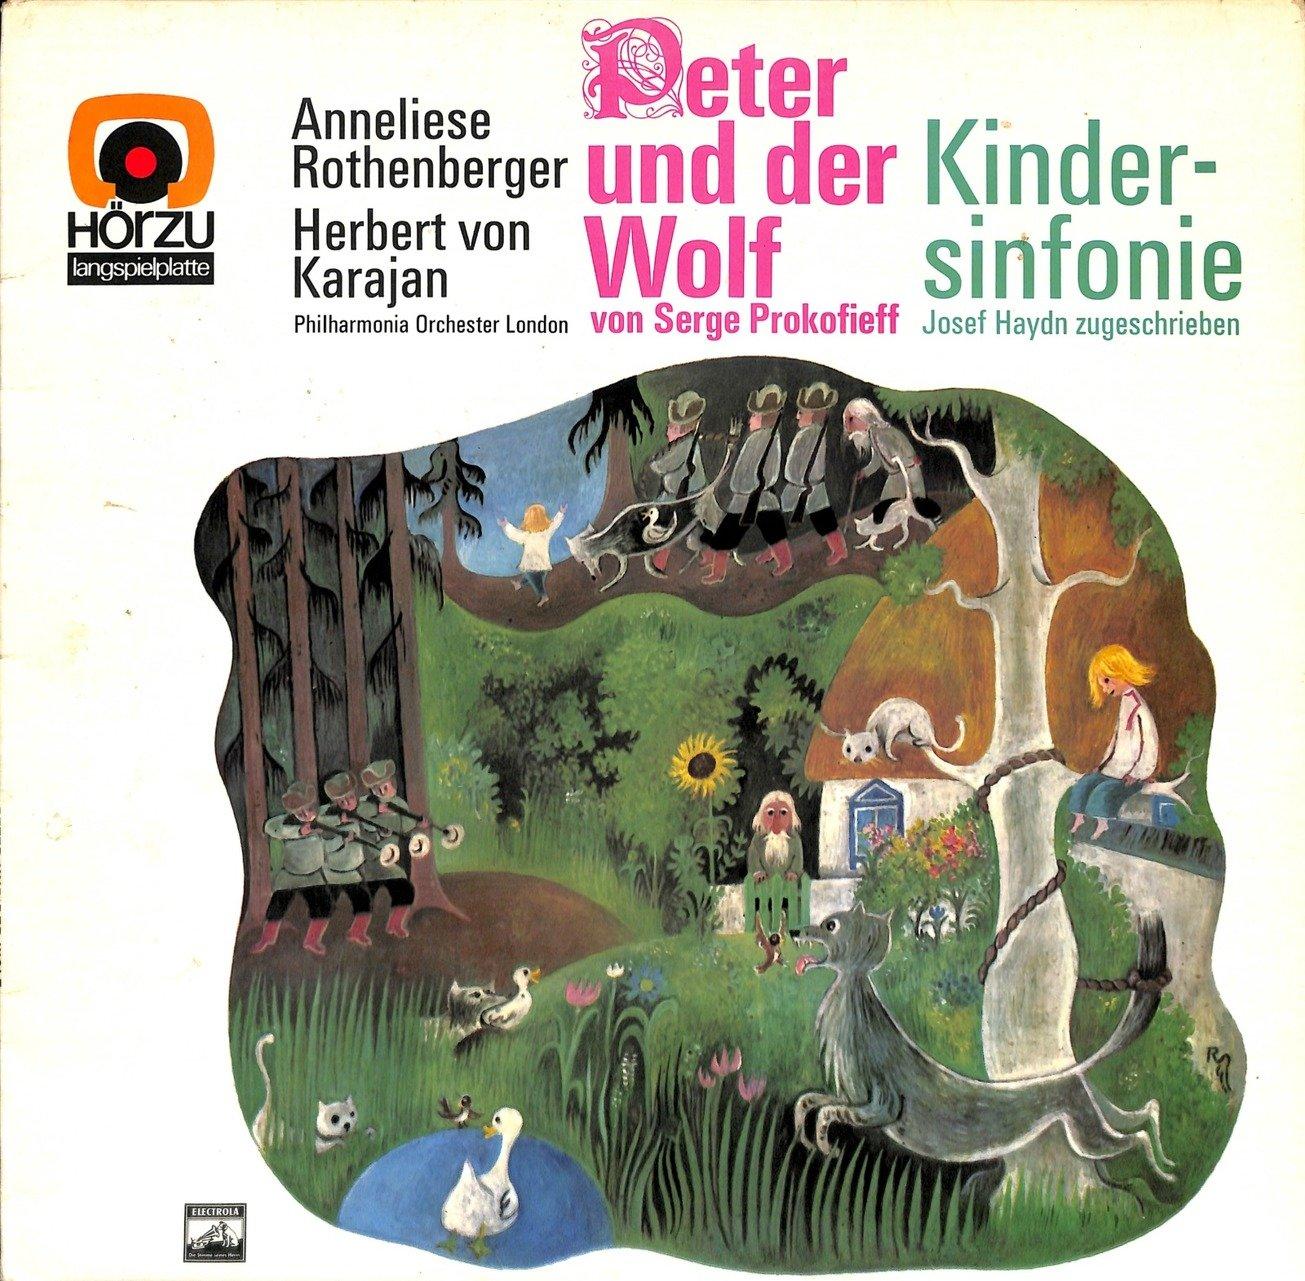 Annaliese rothenberger peter und der wolf 2c kindersinfonie  28shze 243 29